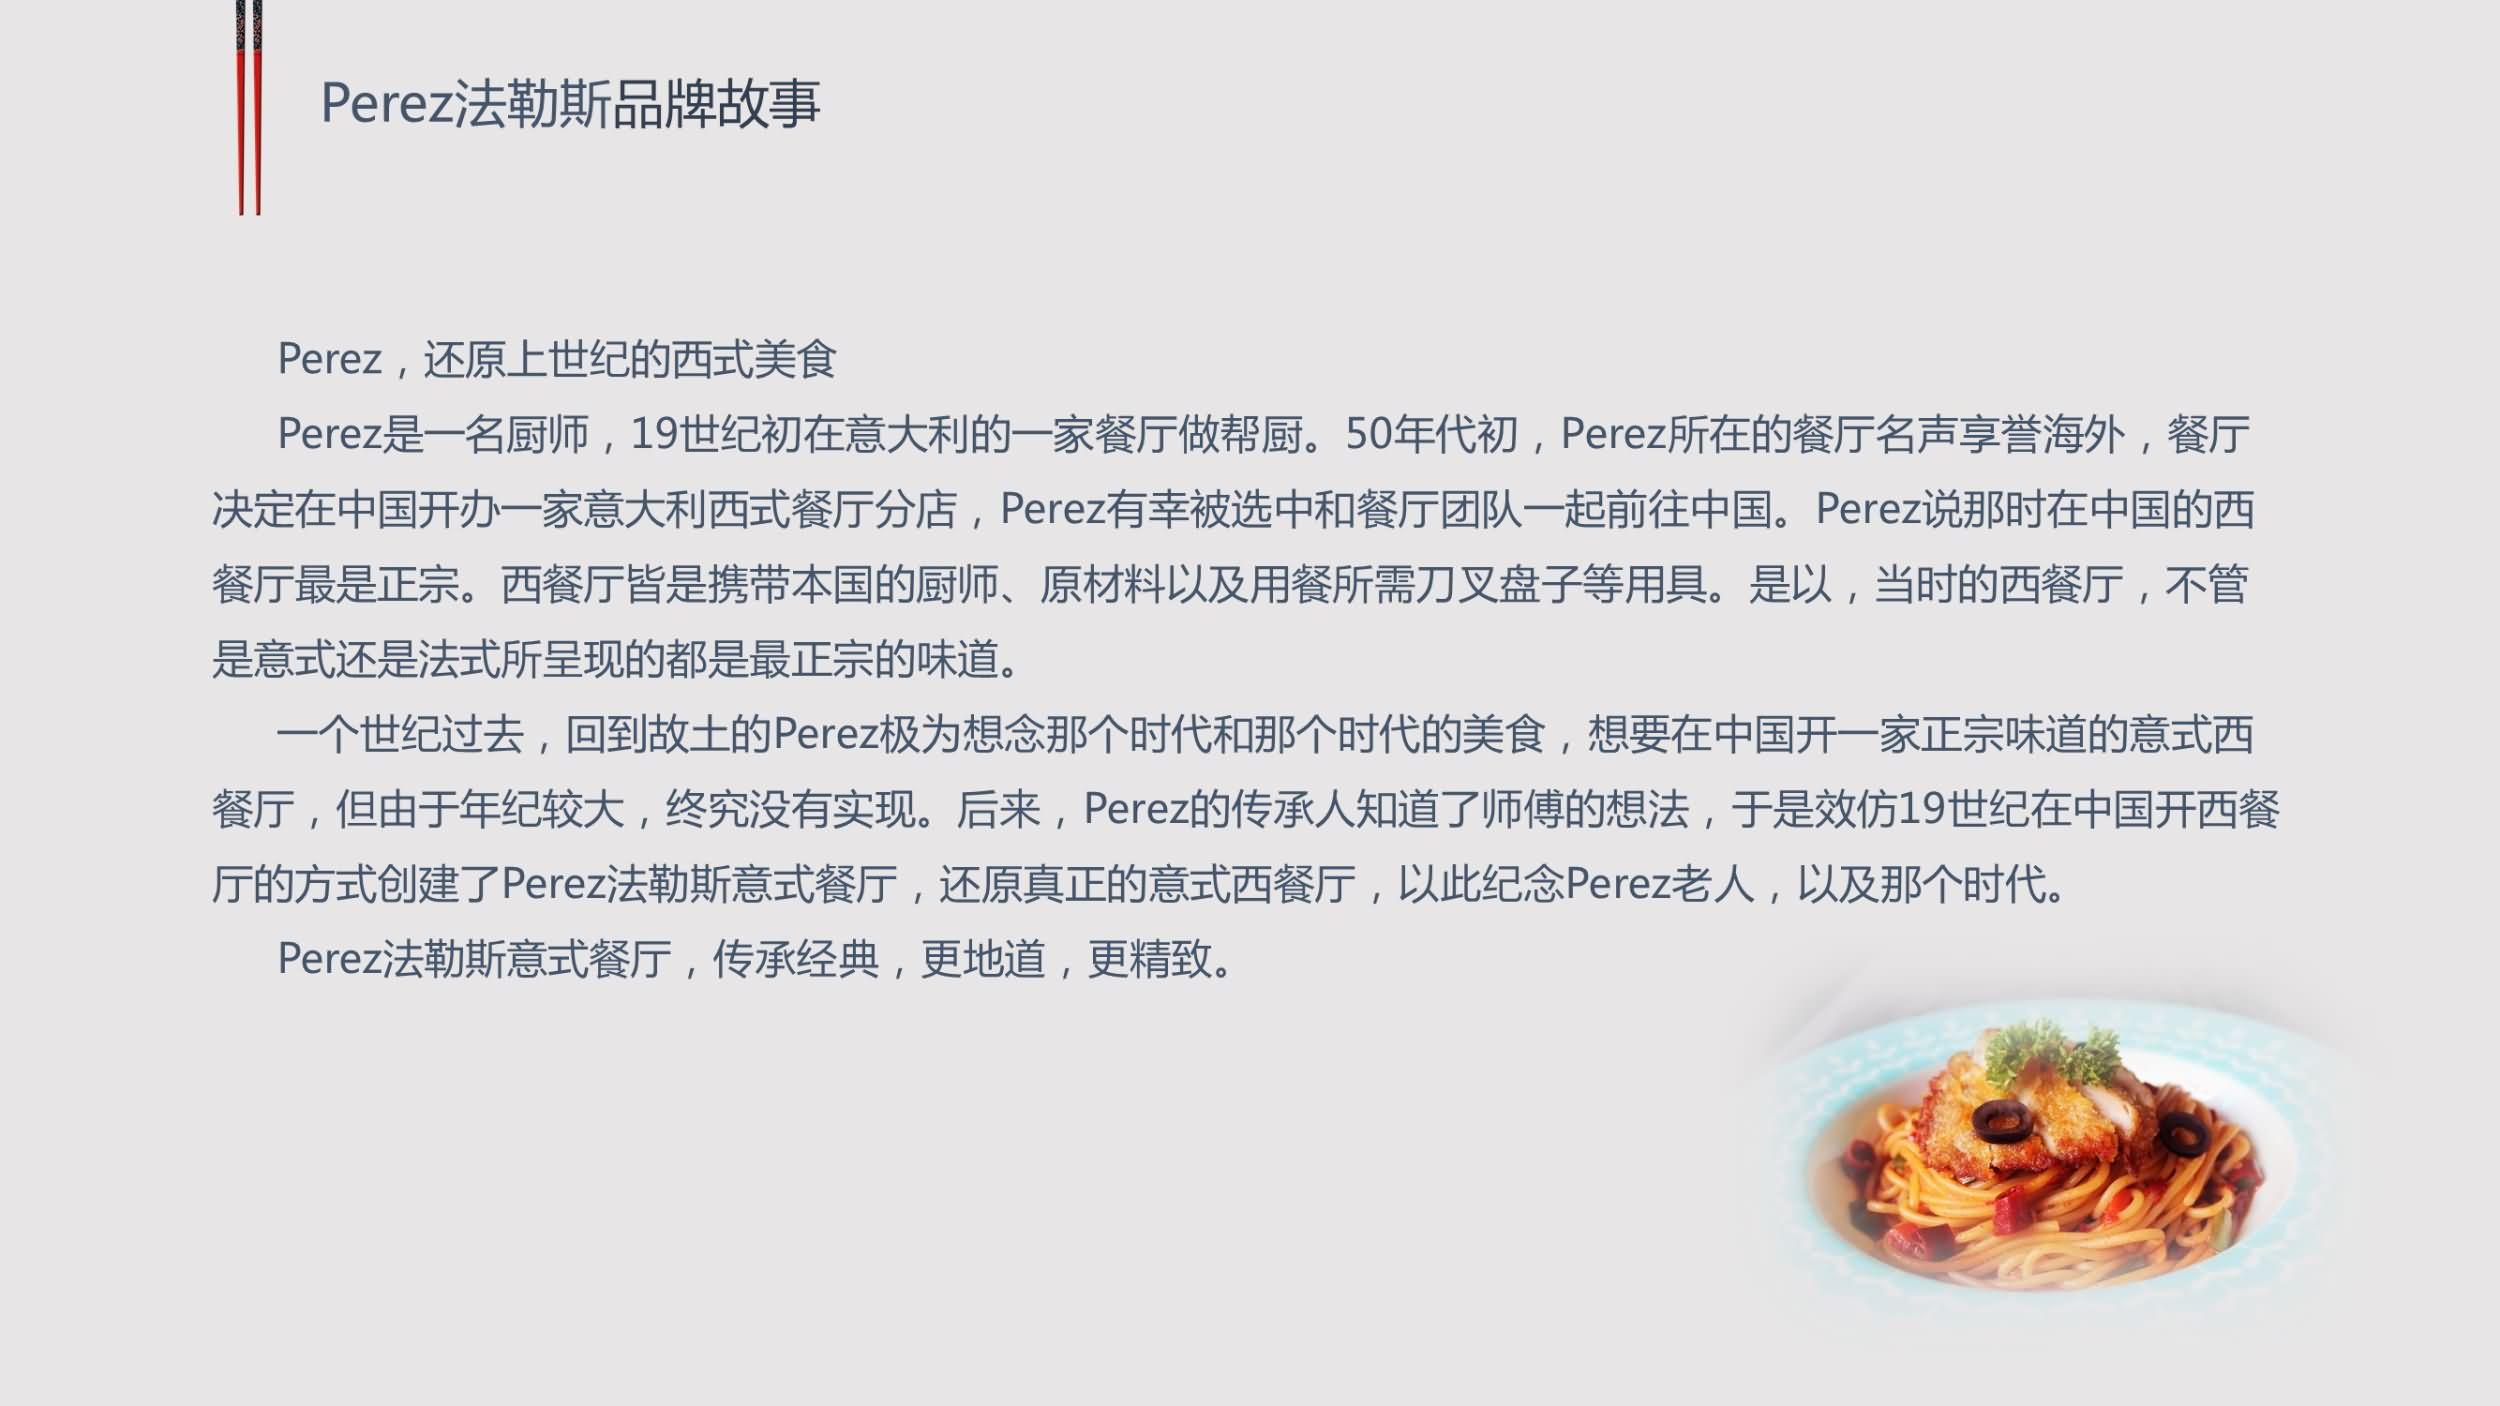 香港乐源餐饮集团有限公司19